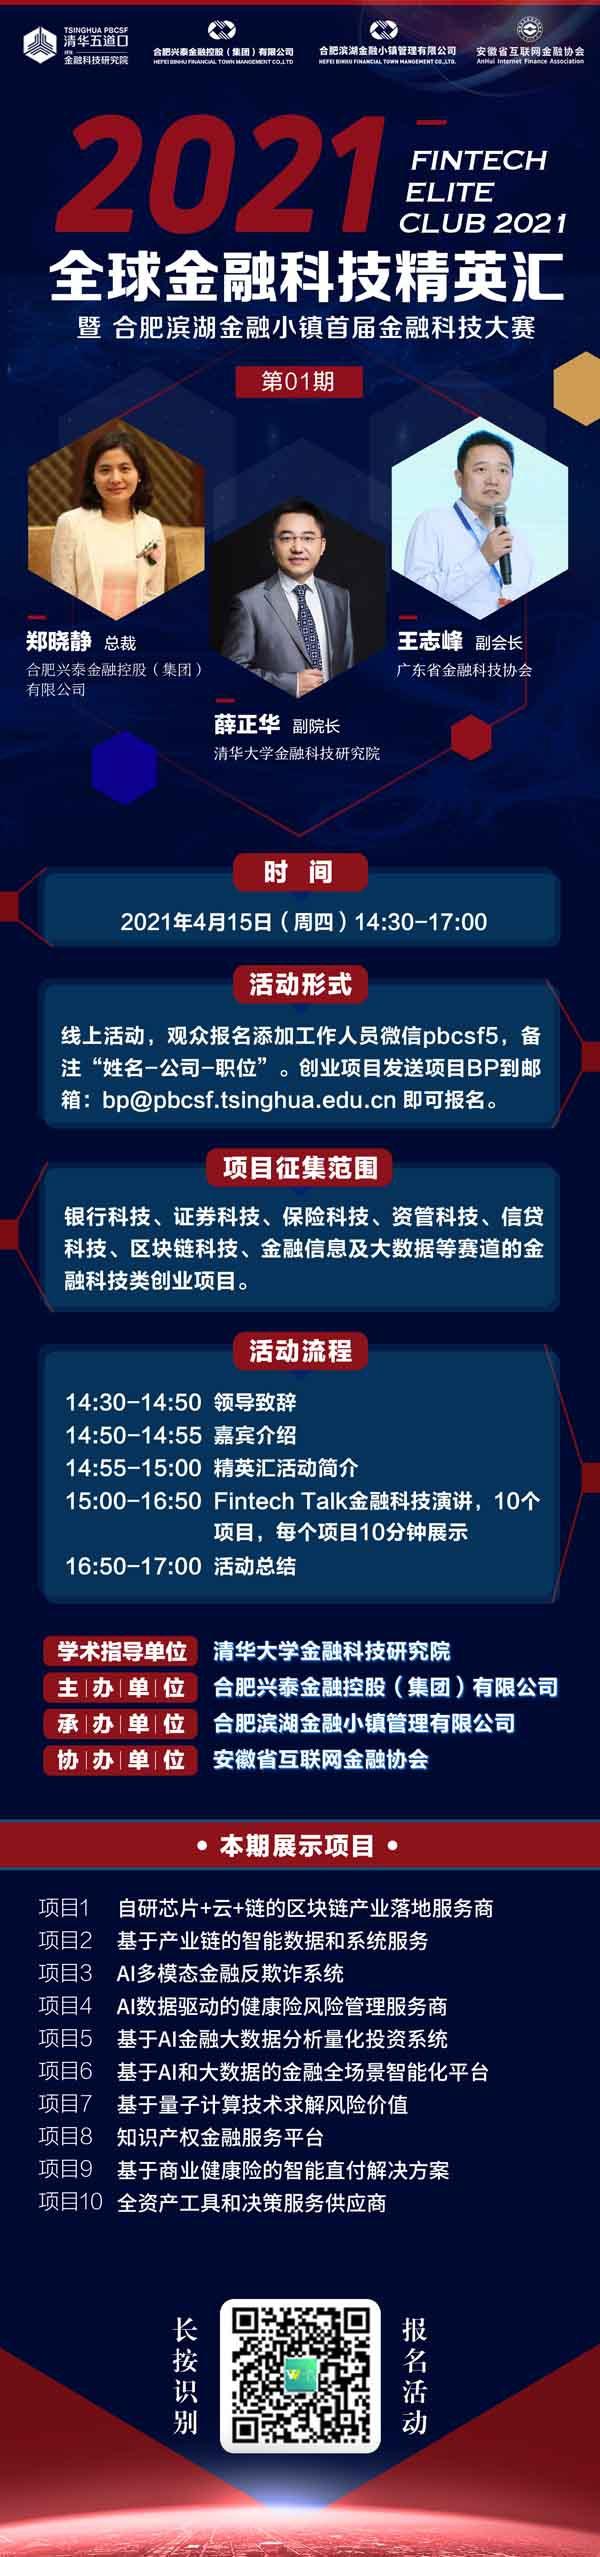 合肥滨湖金融小镇首届金融科技大赛第一轮线上复赛即将开赛